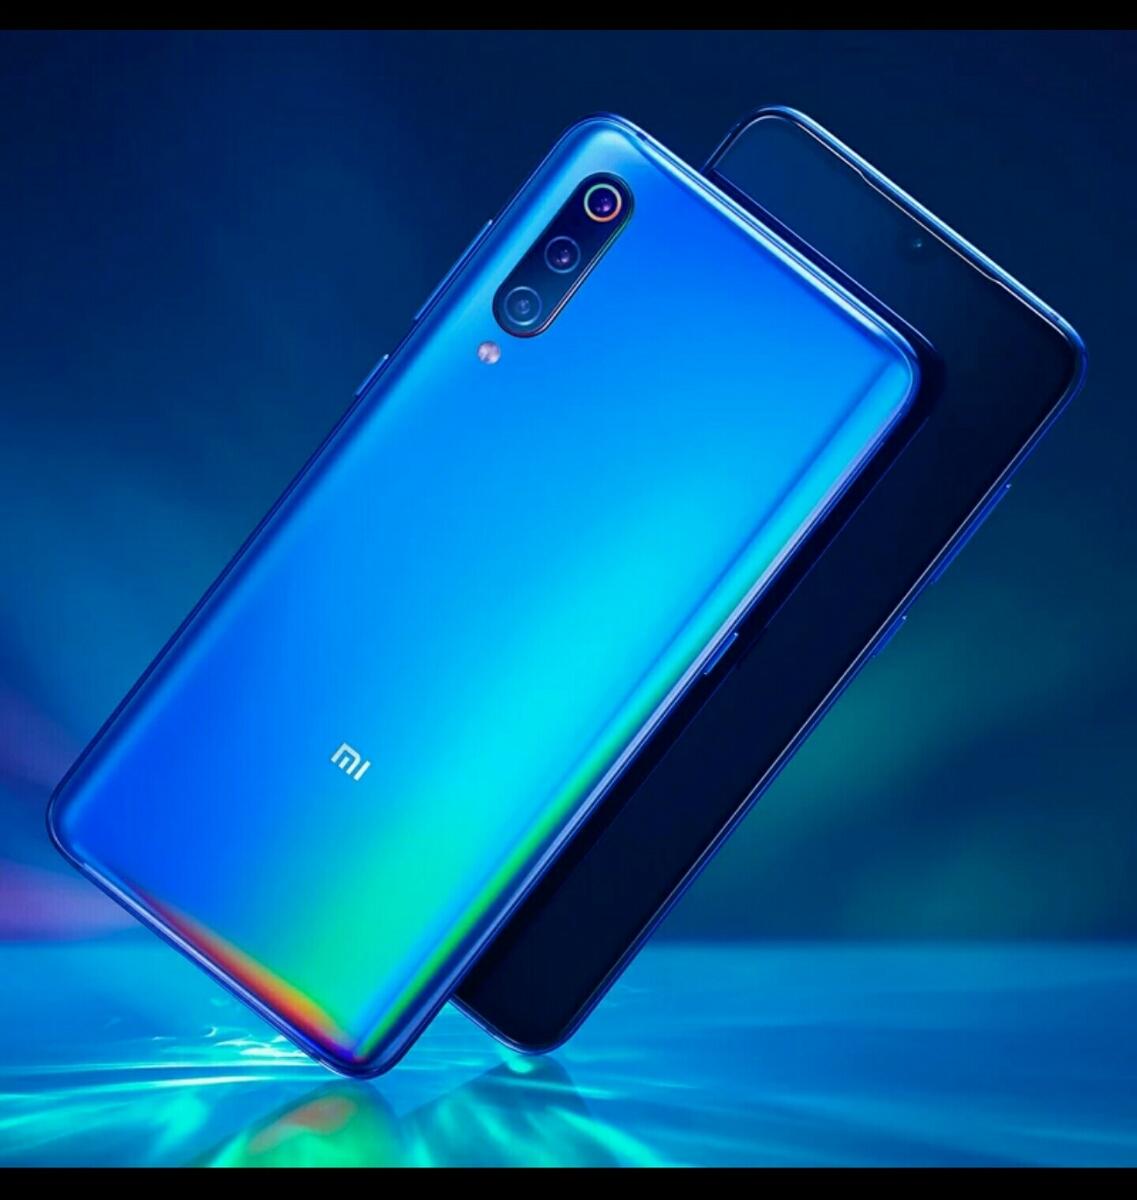 【新品未使用未開封品】Xiaomi Mi9 Ocean Blue 6GB RAM 128GB ROM Global Ver. シャオミ グローバルバージョン_画像2